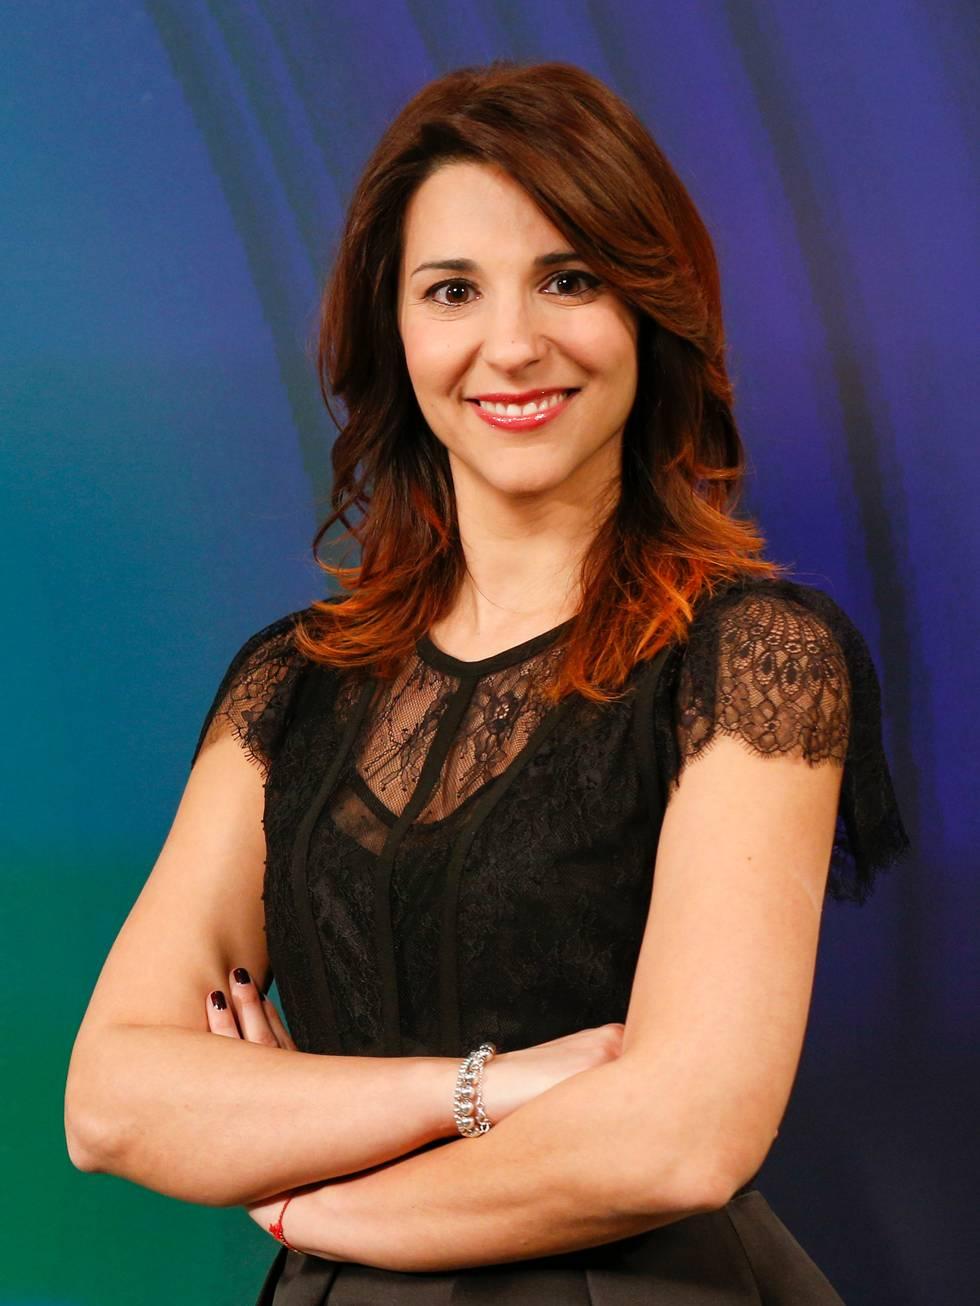 Rosita Orlando